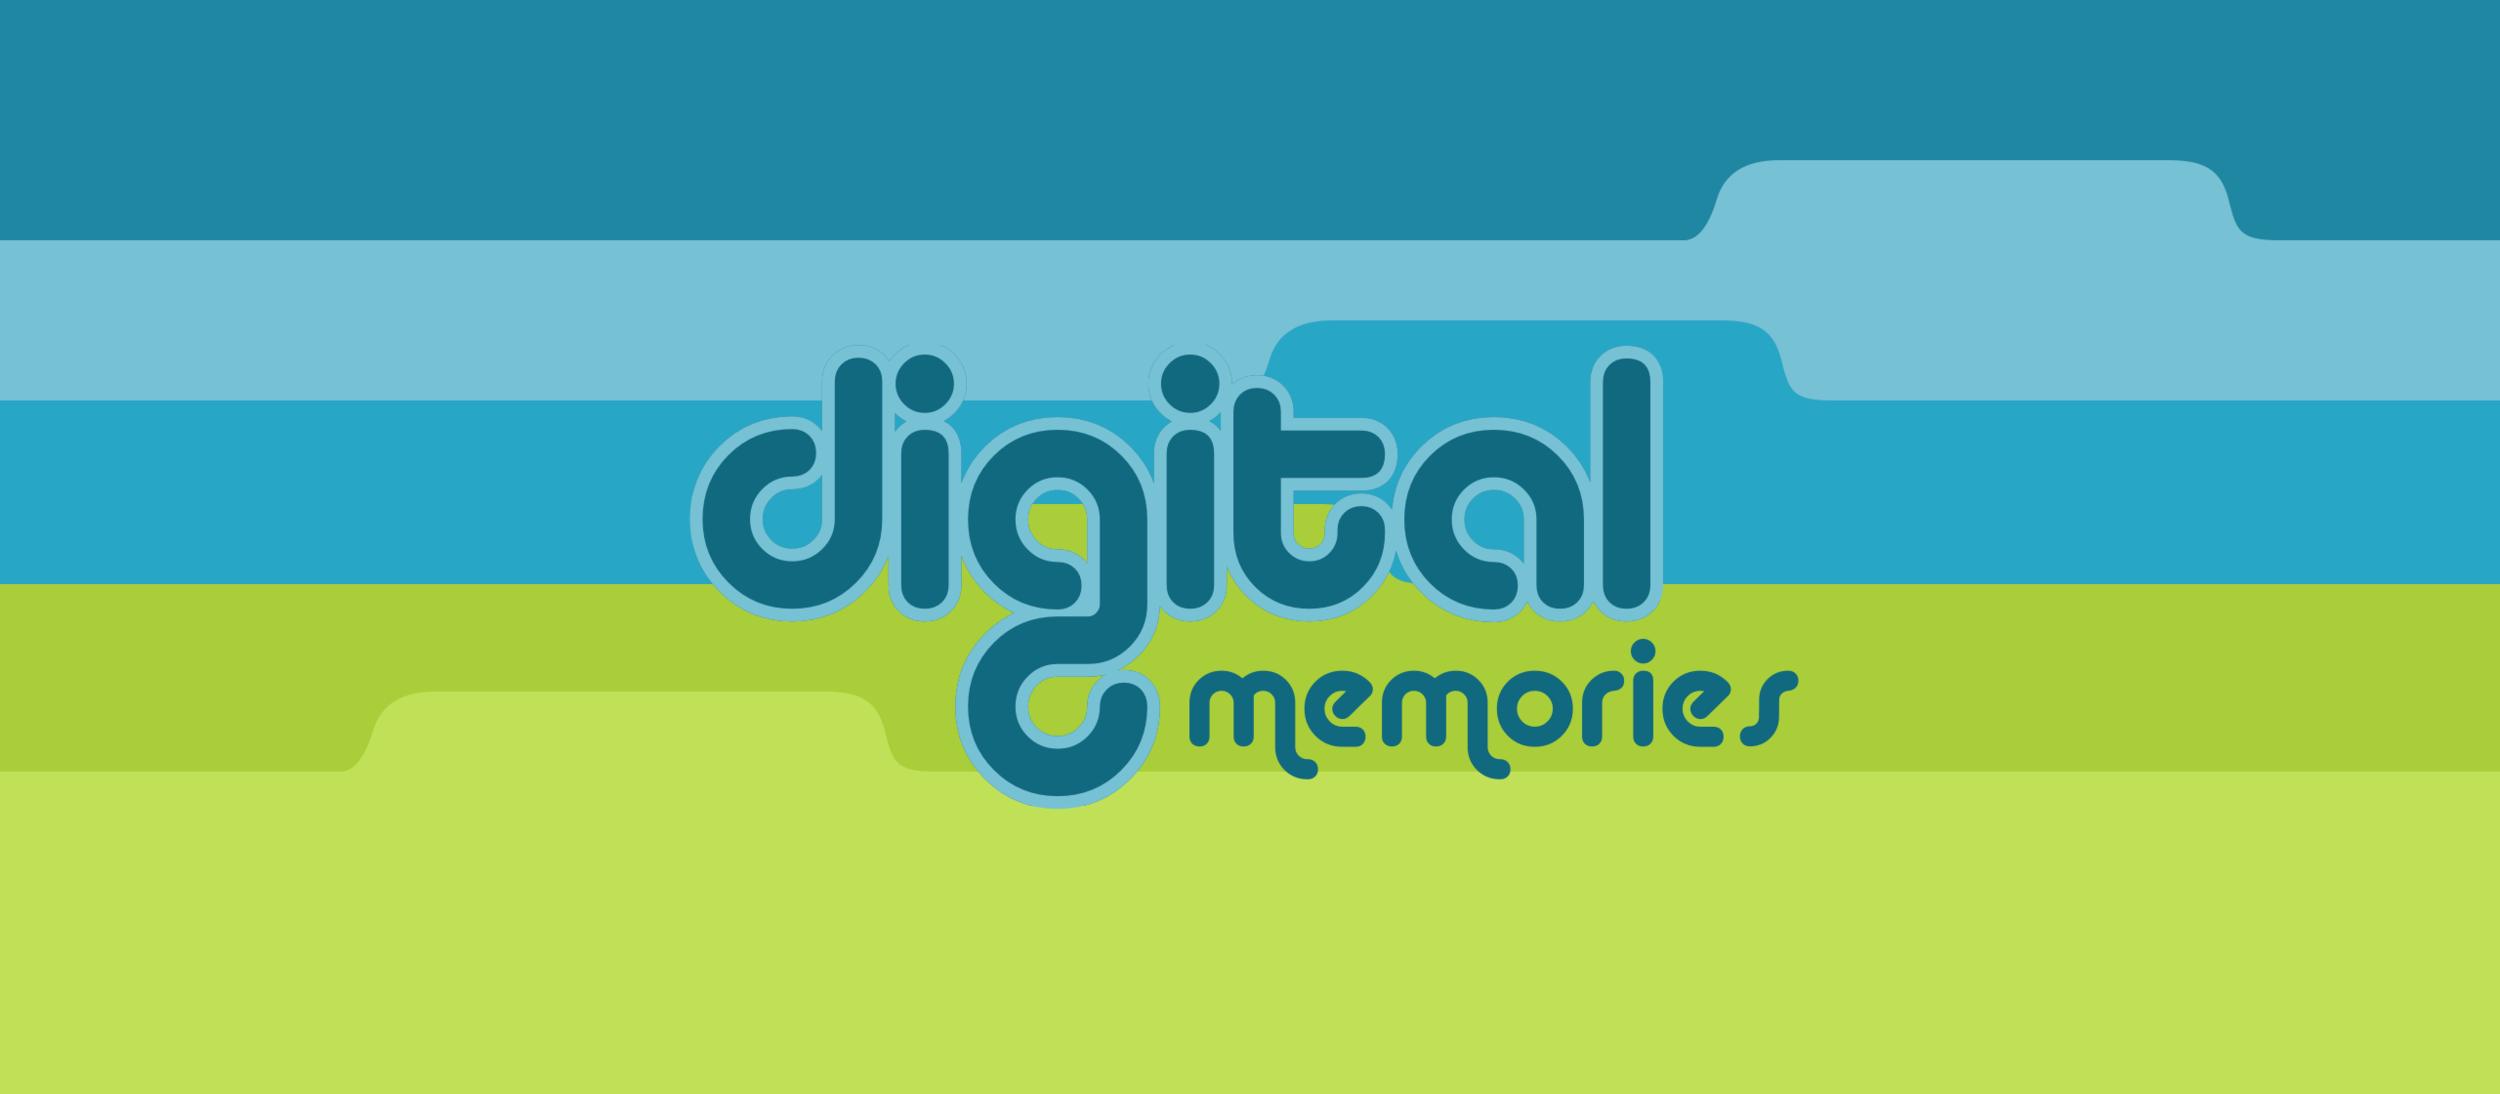 digital-memories.png